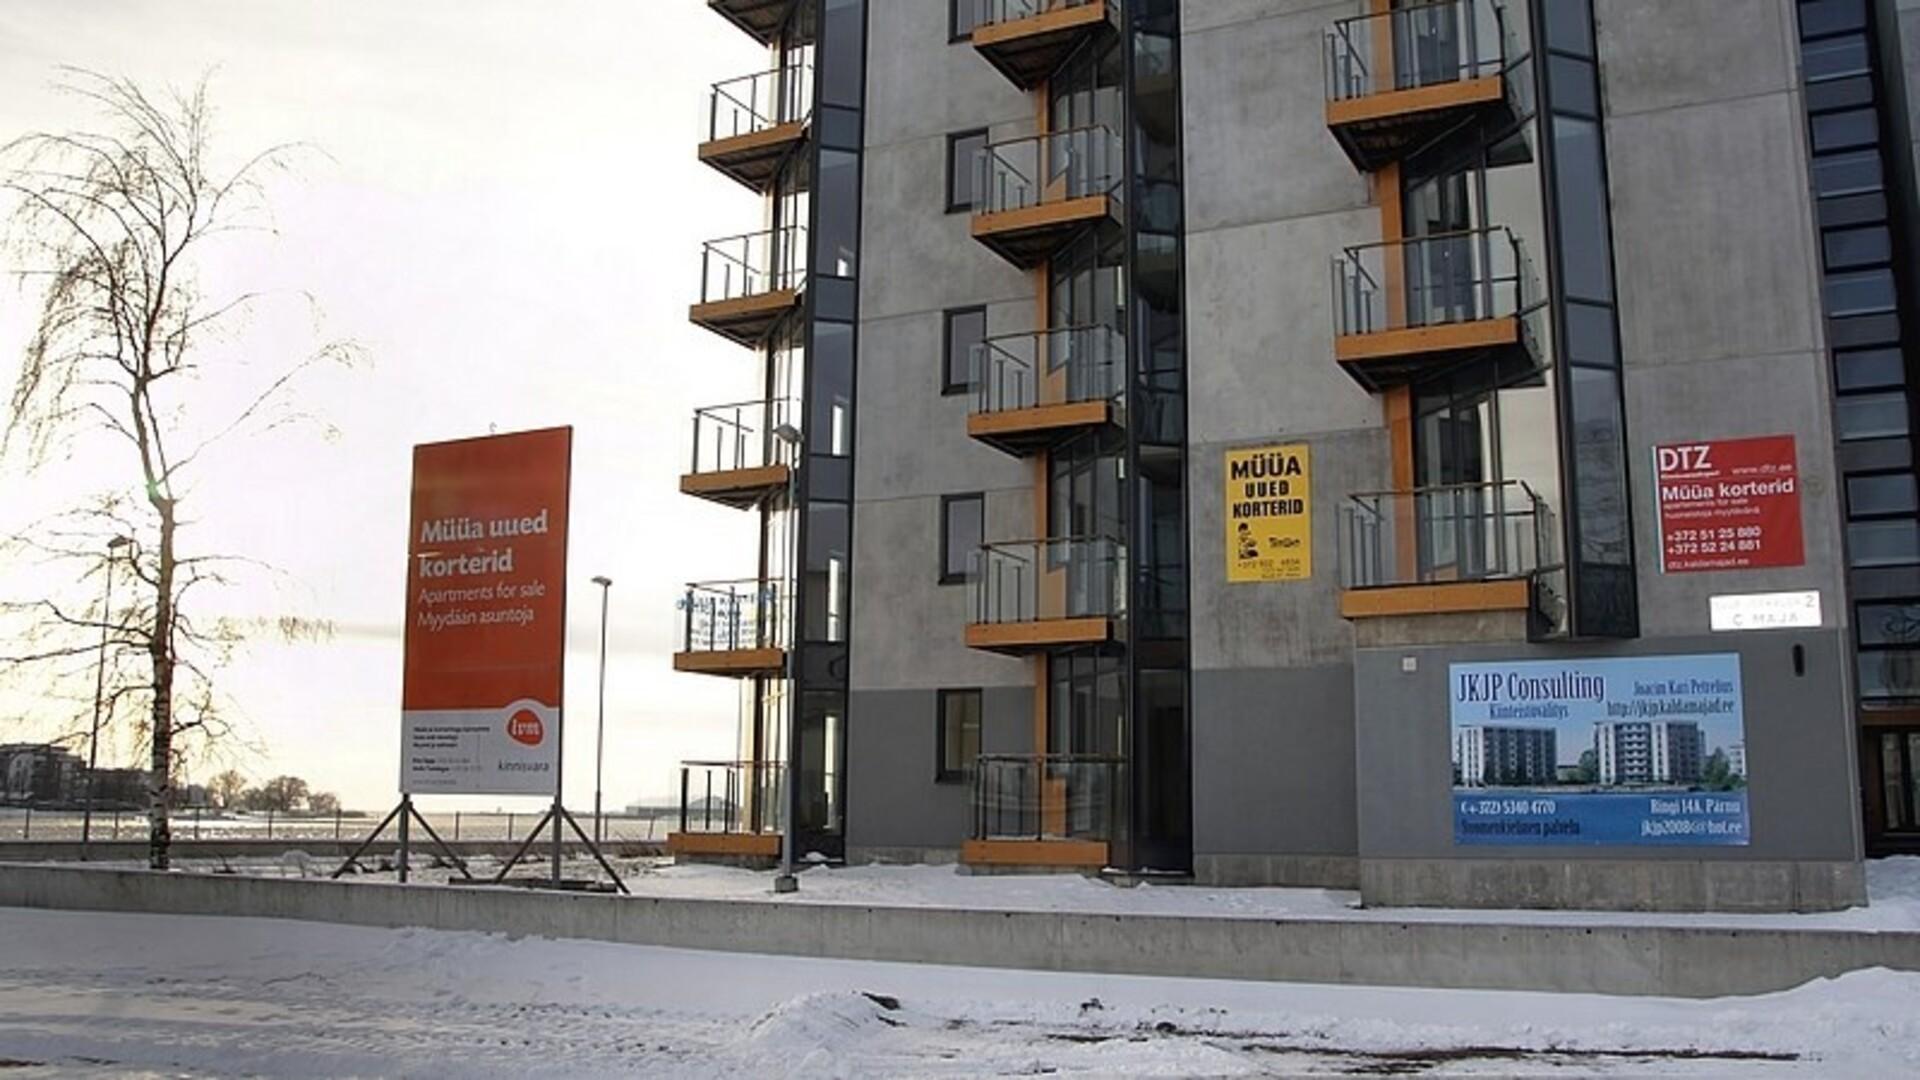 Квартиры с аукциона в таллинне оформление недвижимости в испании